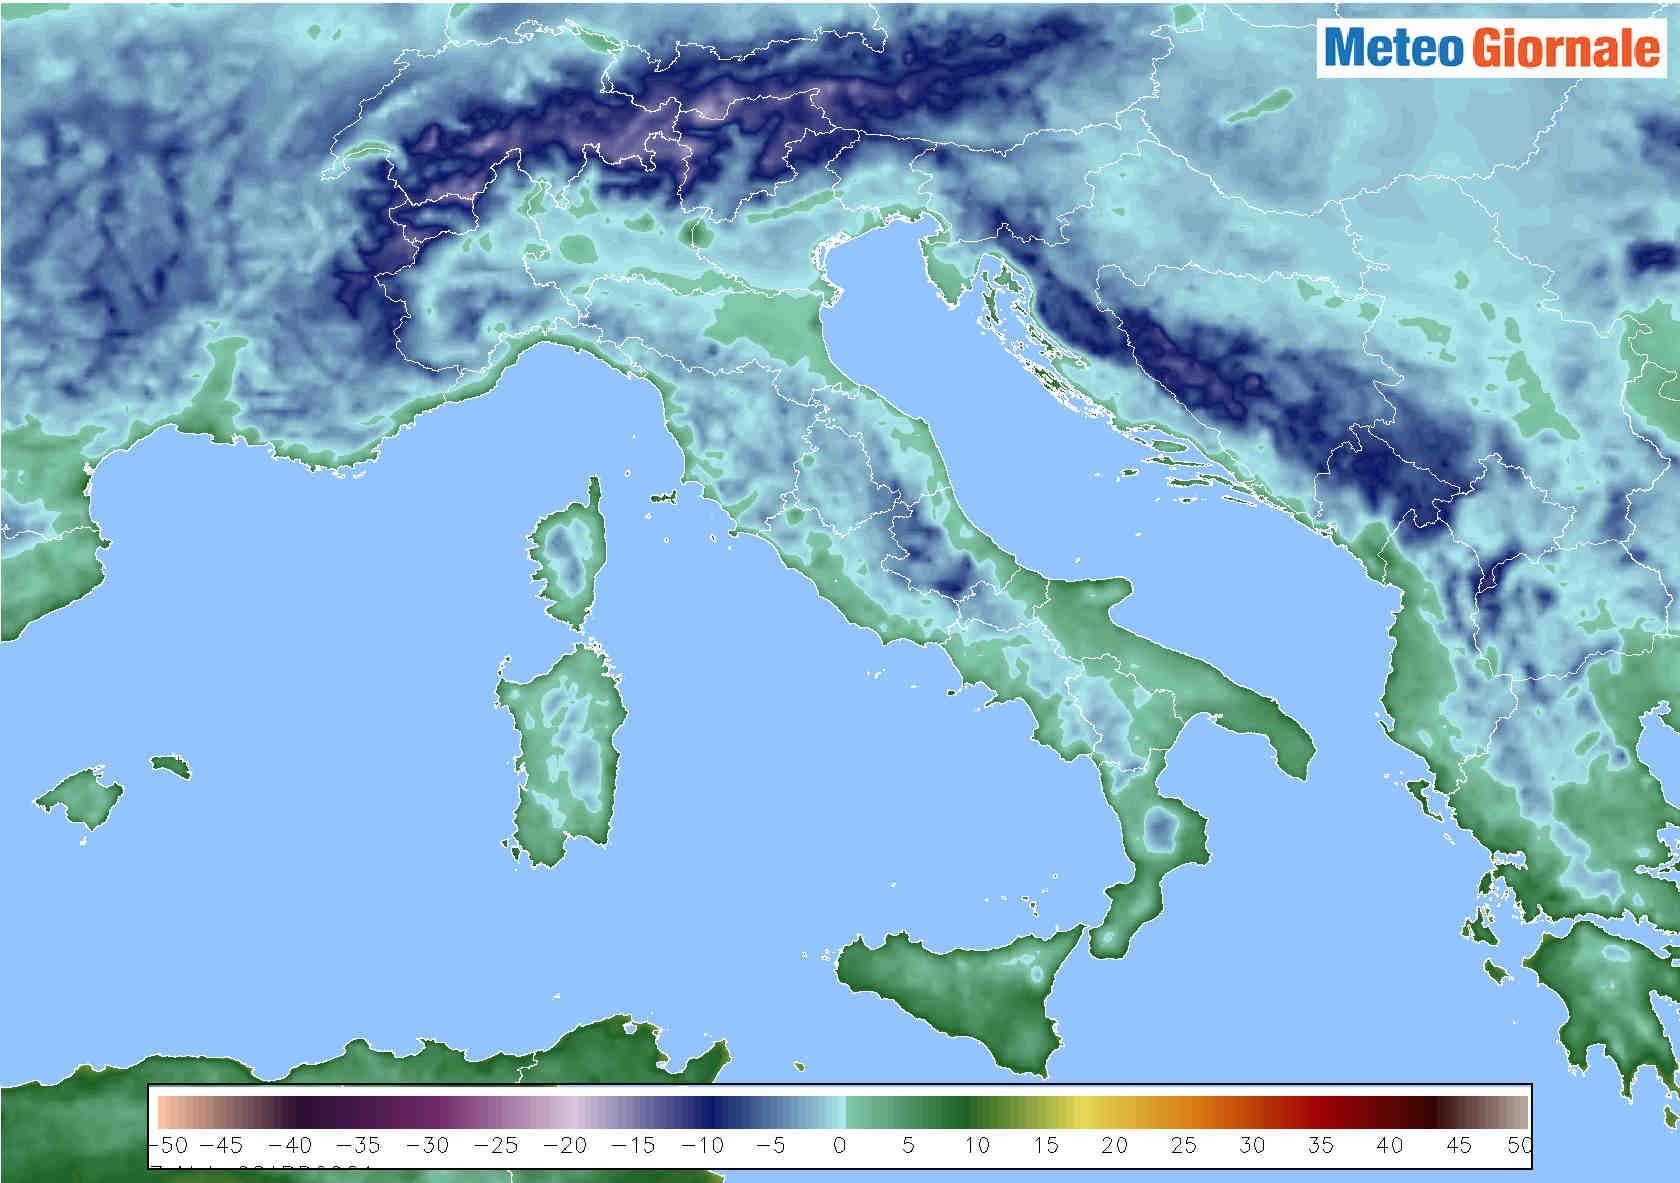 meteo con temperature basse italia base - Meteo: NEVE e GELATE sull'Italia, ecco fino a quando durerà